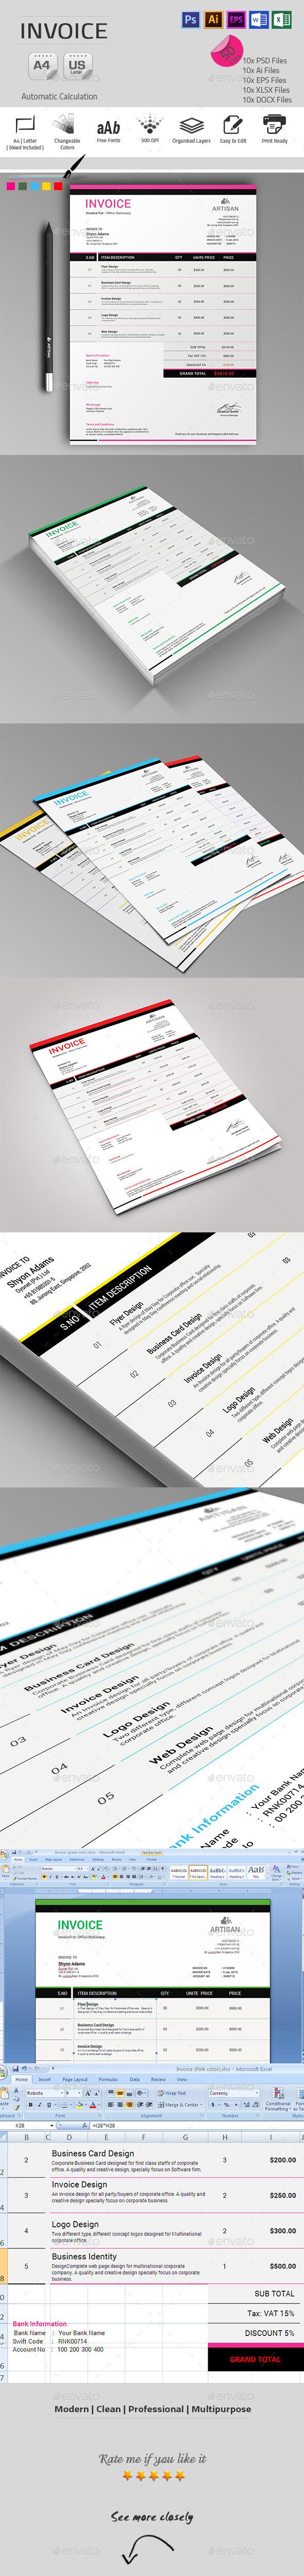 GraphicRiver Invoice 9900319